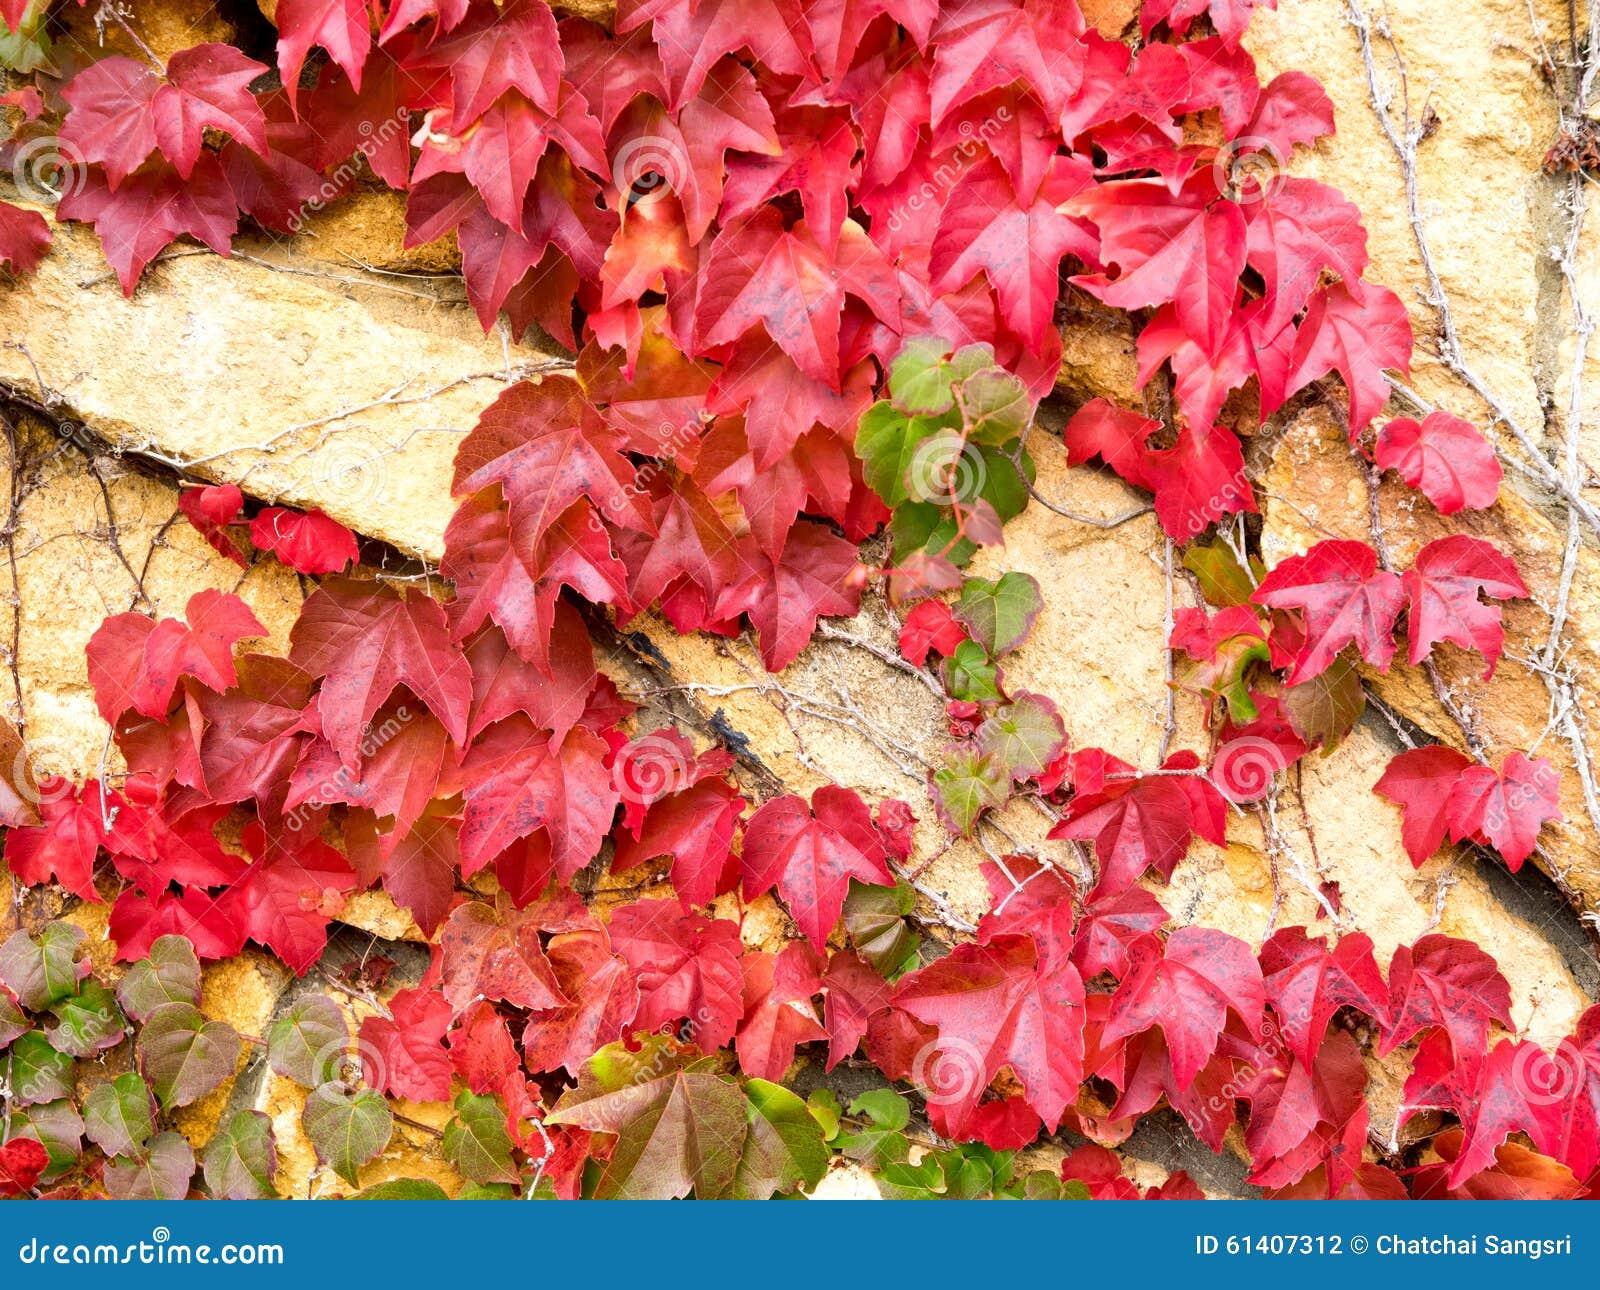 Feuilles de lierre en automne photo stock image du - Feuilles de blettes en epinard ...